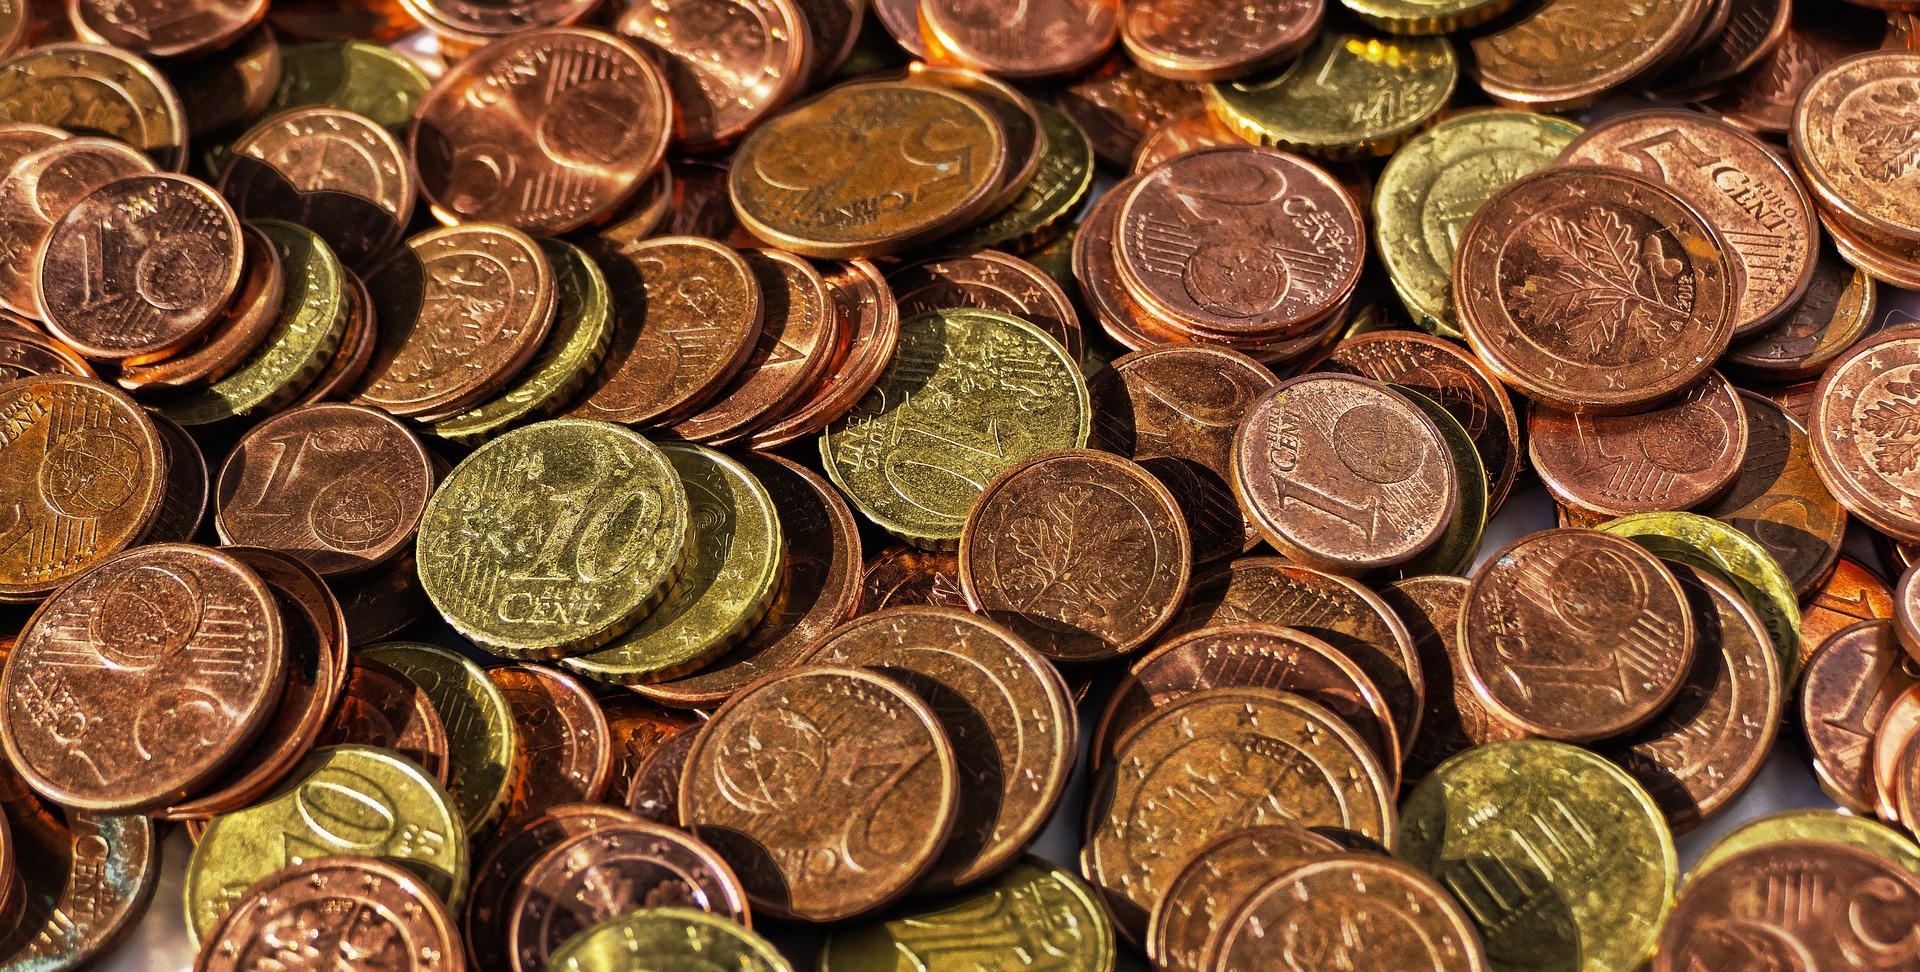 hromada zlatych minci